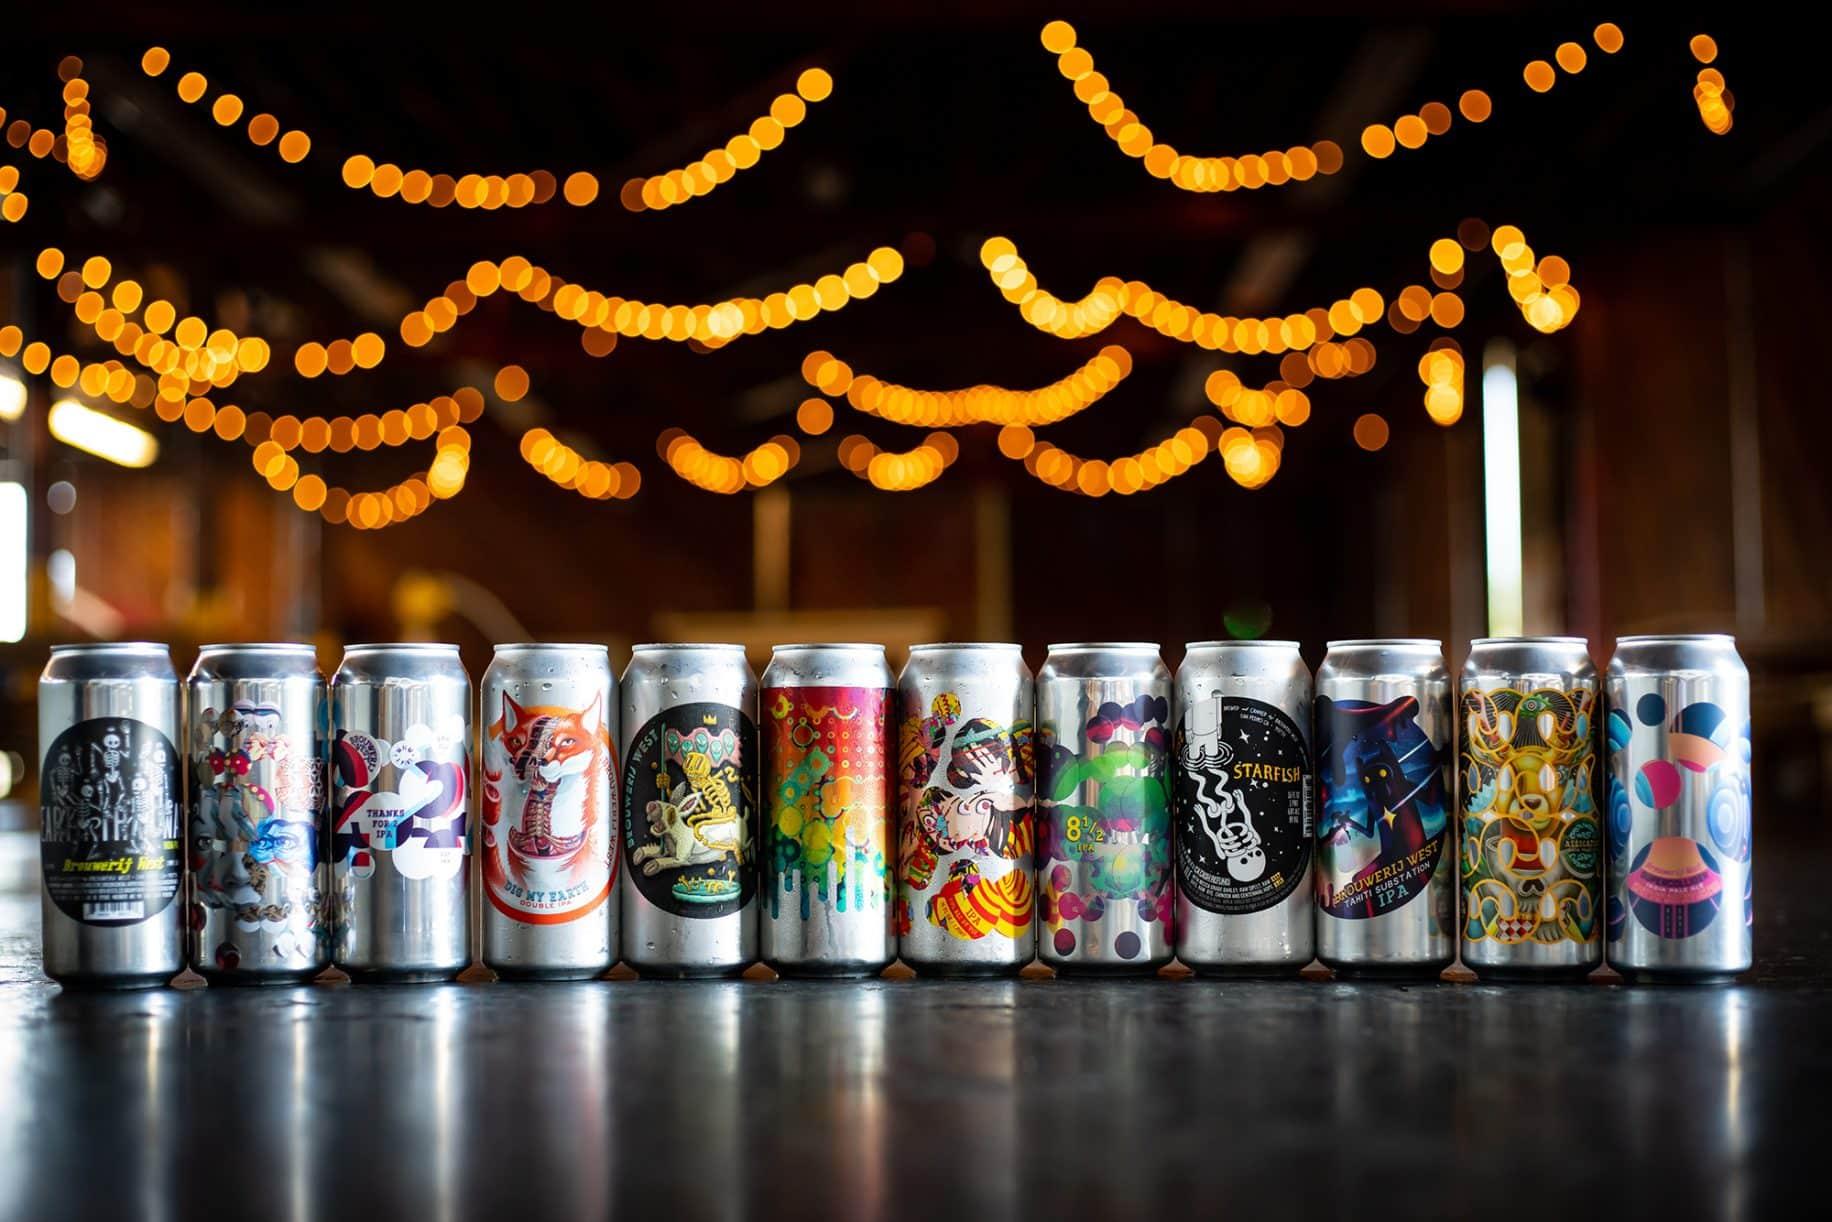 brouwerij west cans